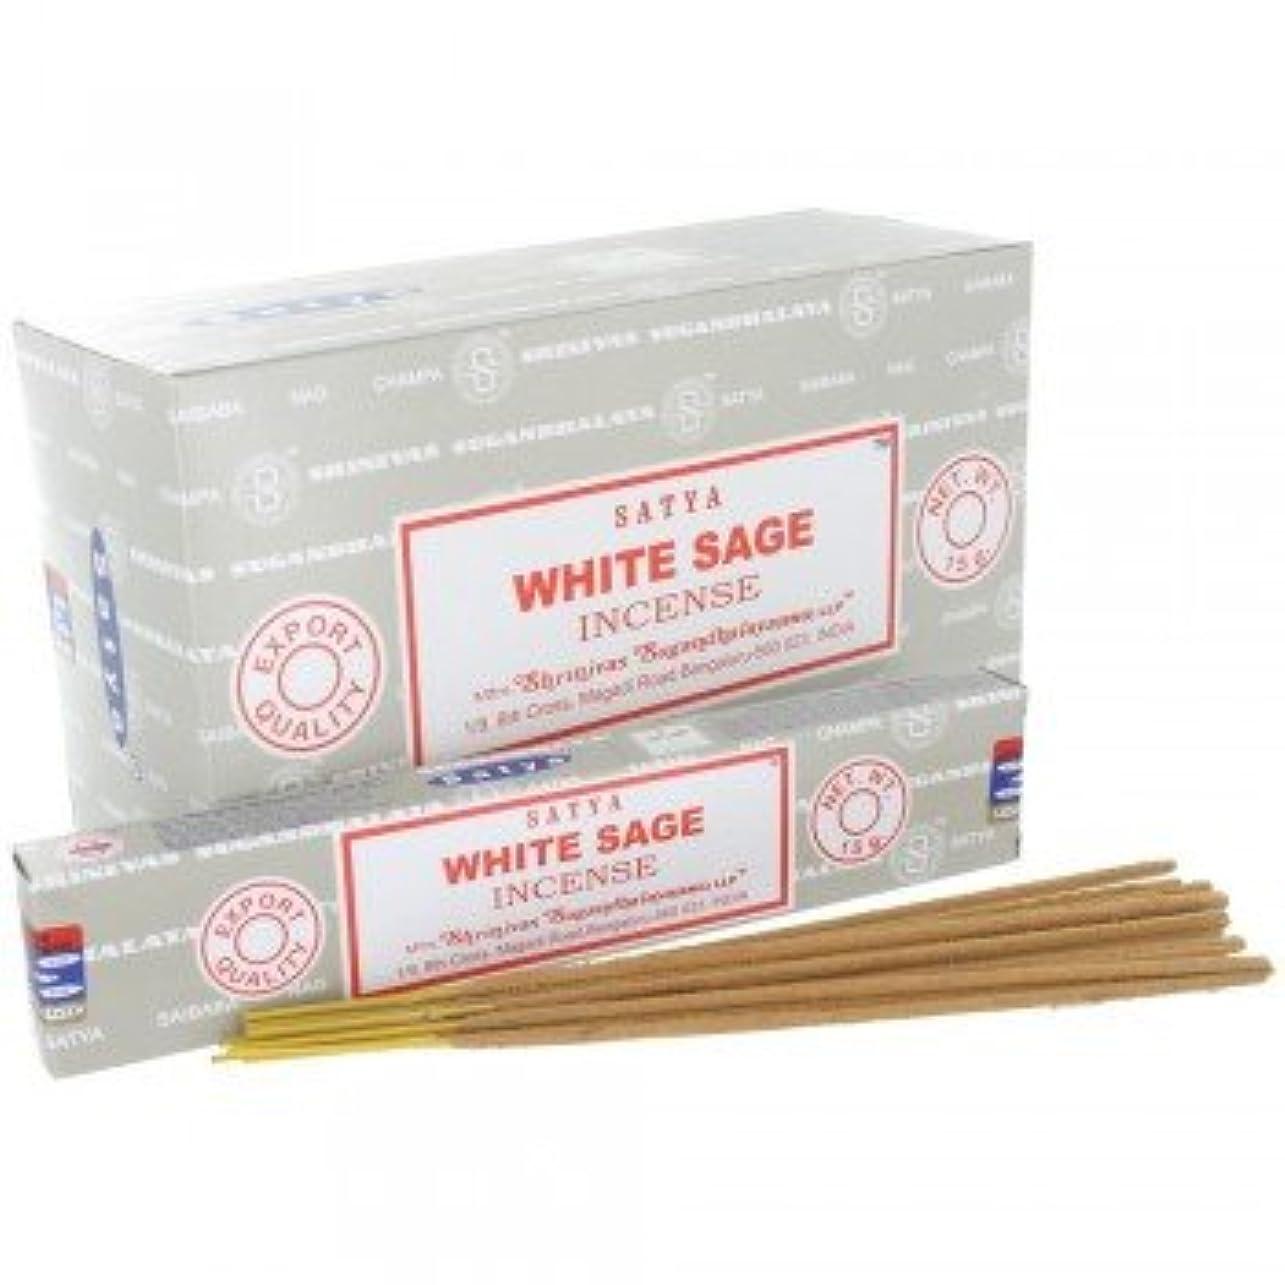 ゲートウェイそう警告SATYA WHITE SAGE ホワイトセージ 聖なる樹 浄化 お香 スティック 約15g入 (1個) [並行輸入品]